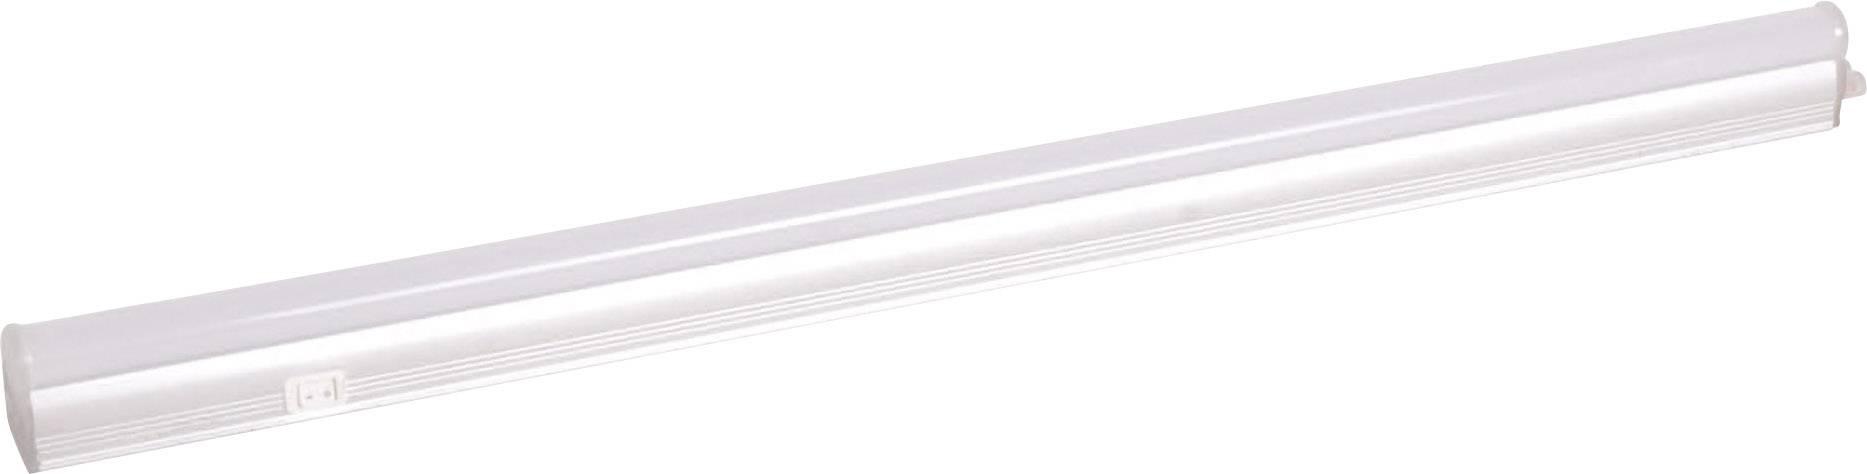 Hliníkové LED svetlo pod linku RENKFORCE, 8 W, studená biela